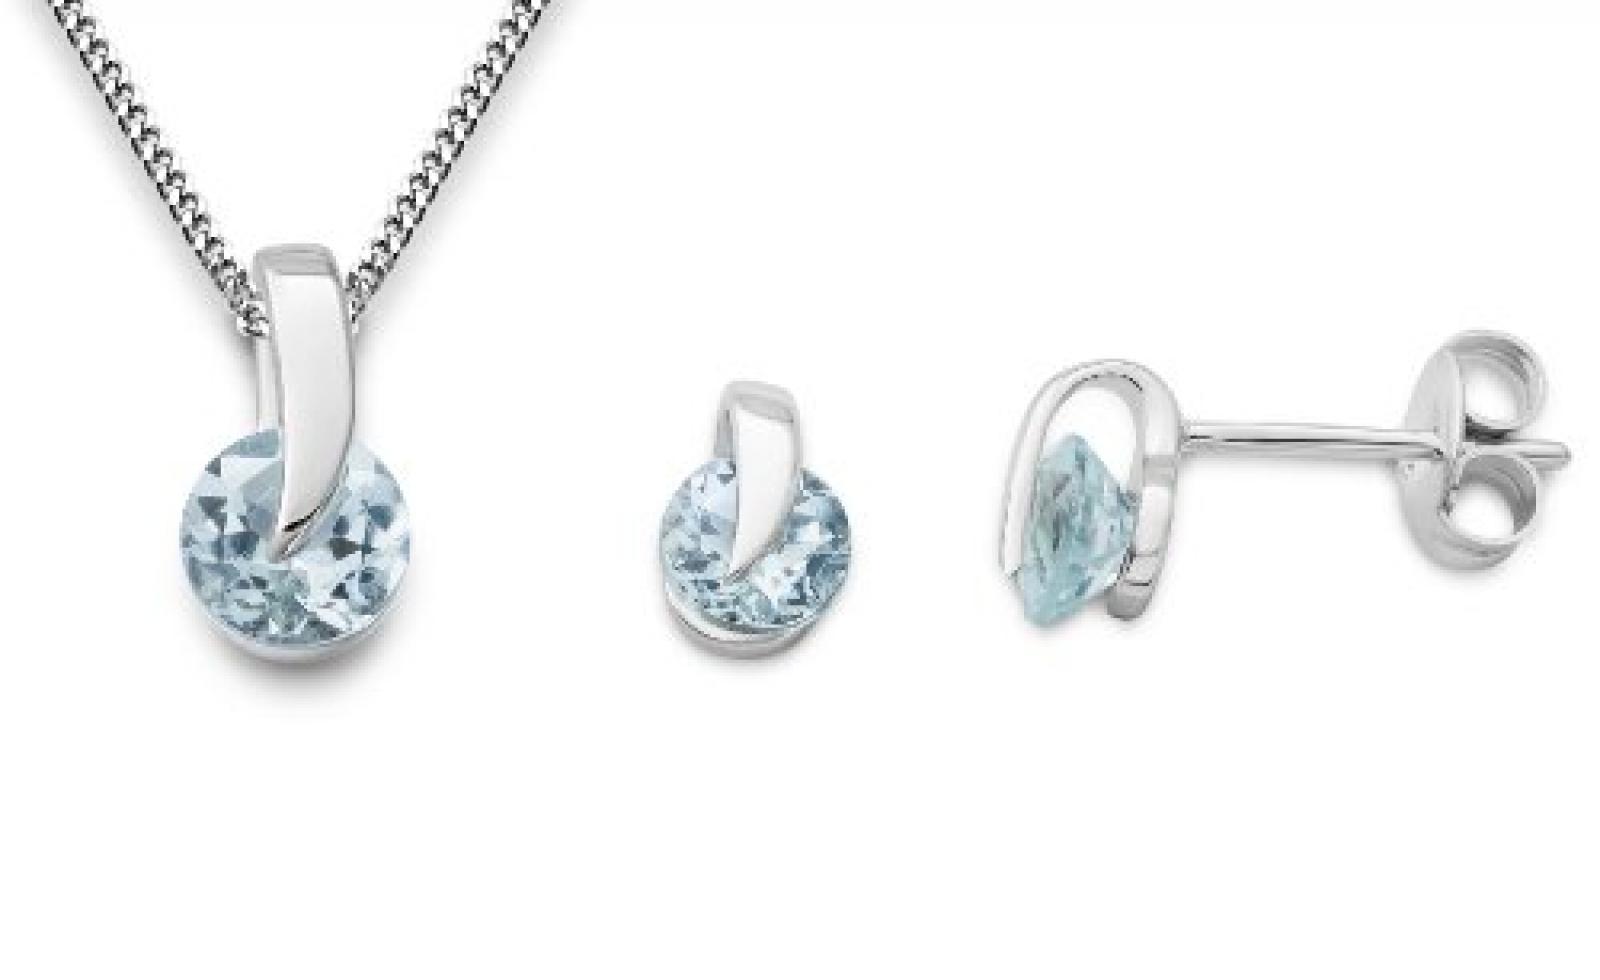 Miore Damen-Schmuckset Halskette + Ohrstecker 375 Weißgold 3 Aquamarine 1.33ct blau 45 cm MSET012